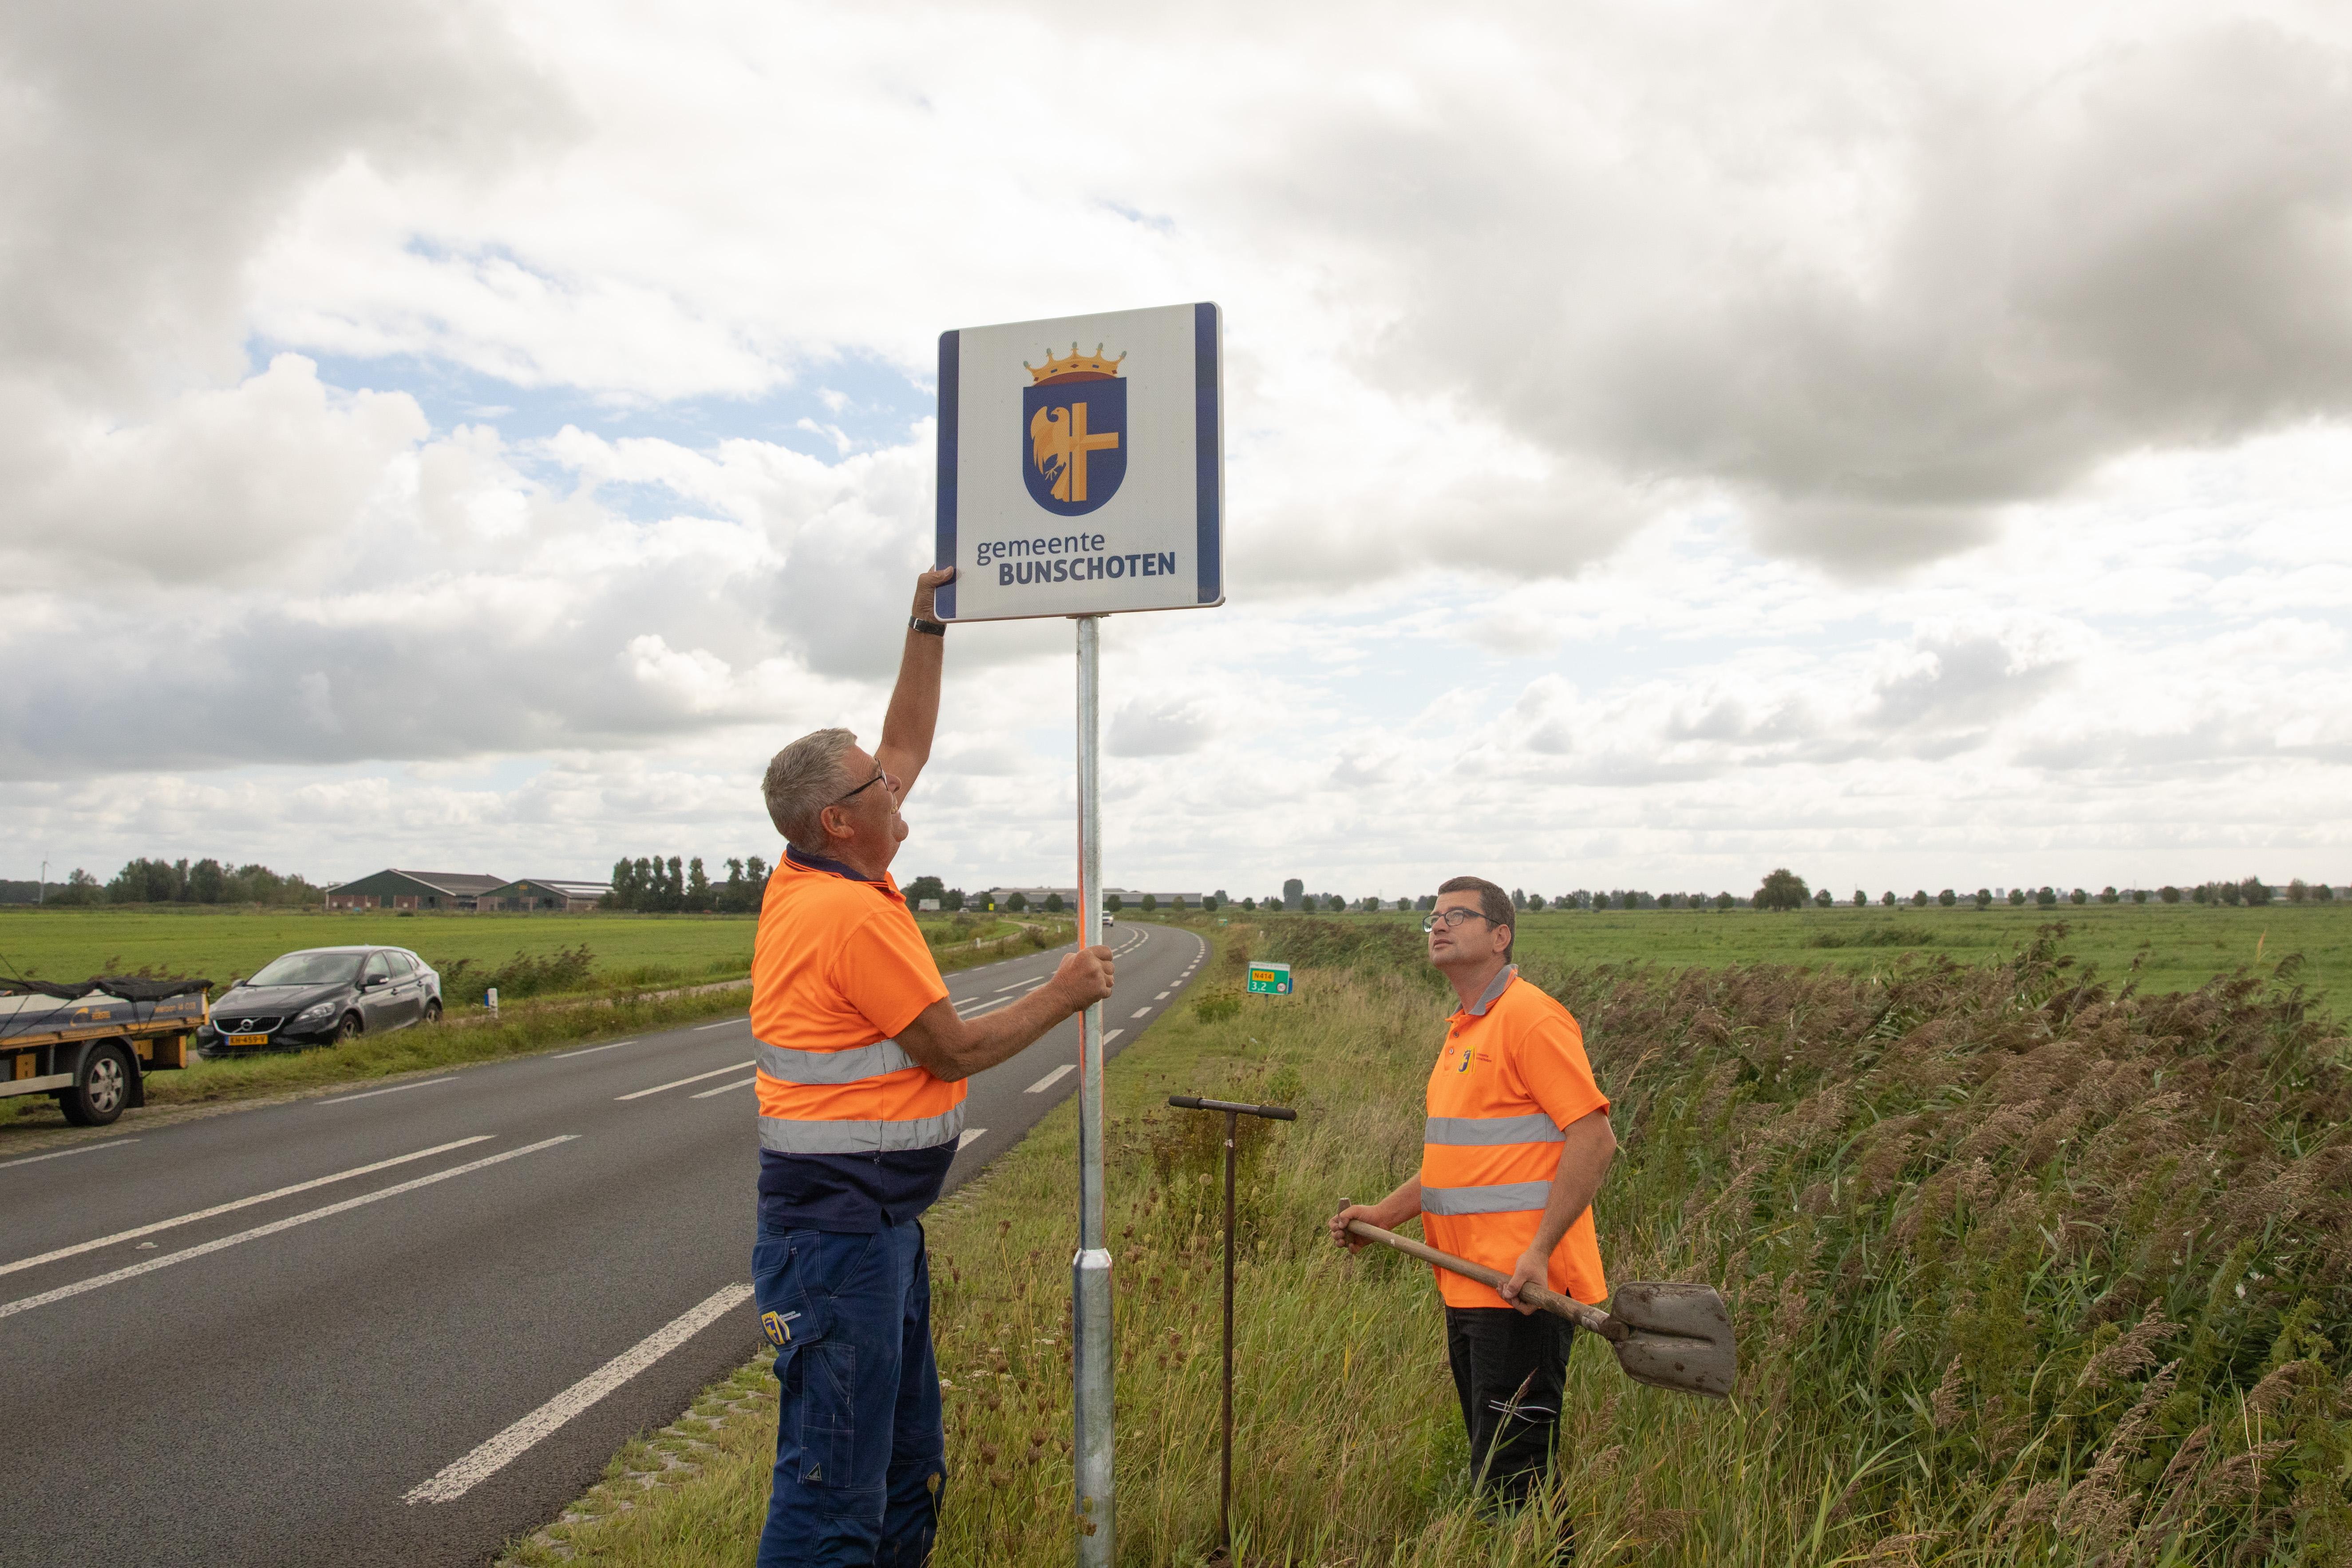 Bunschoten geeft zijn grenzen aan; Nieuwerwetse grenspalen langs alle toegangswegen geplaatst